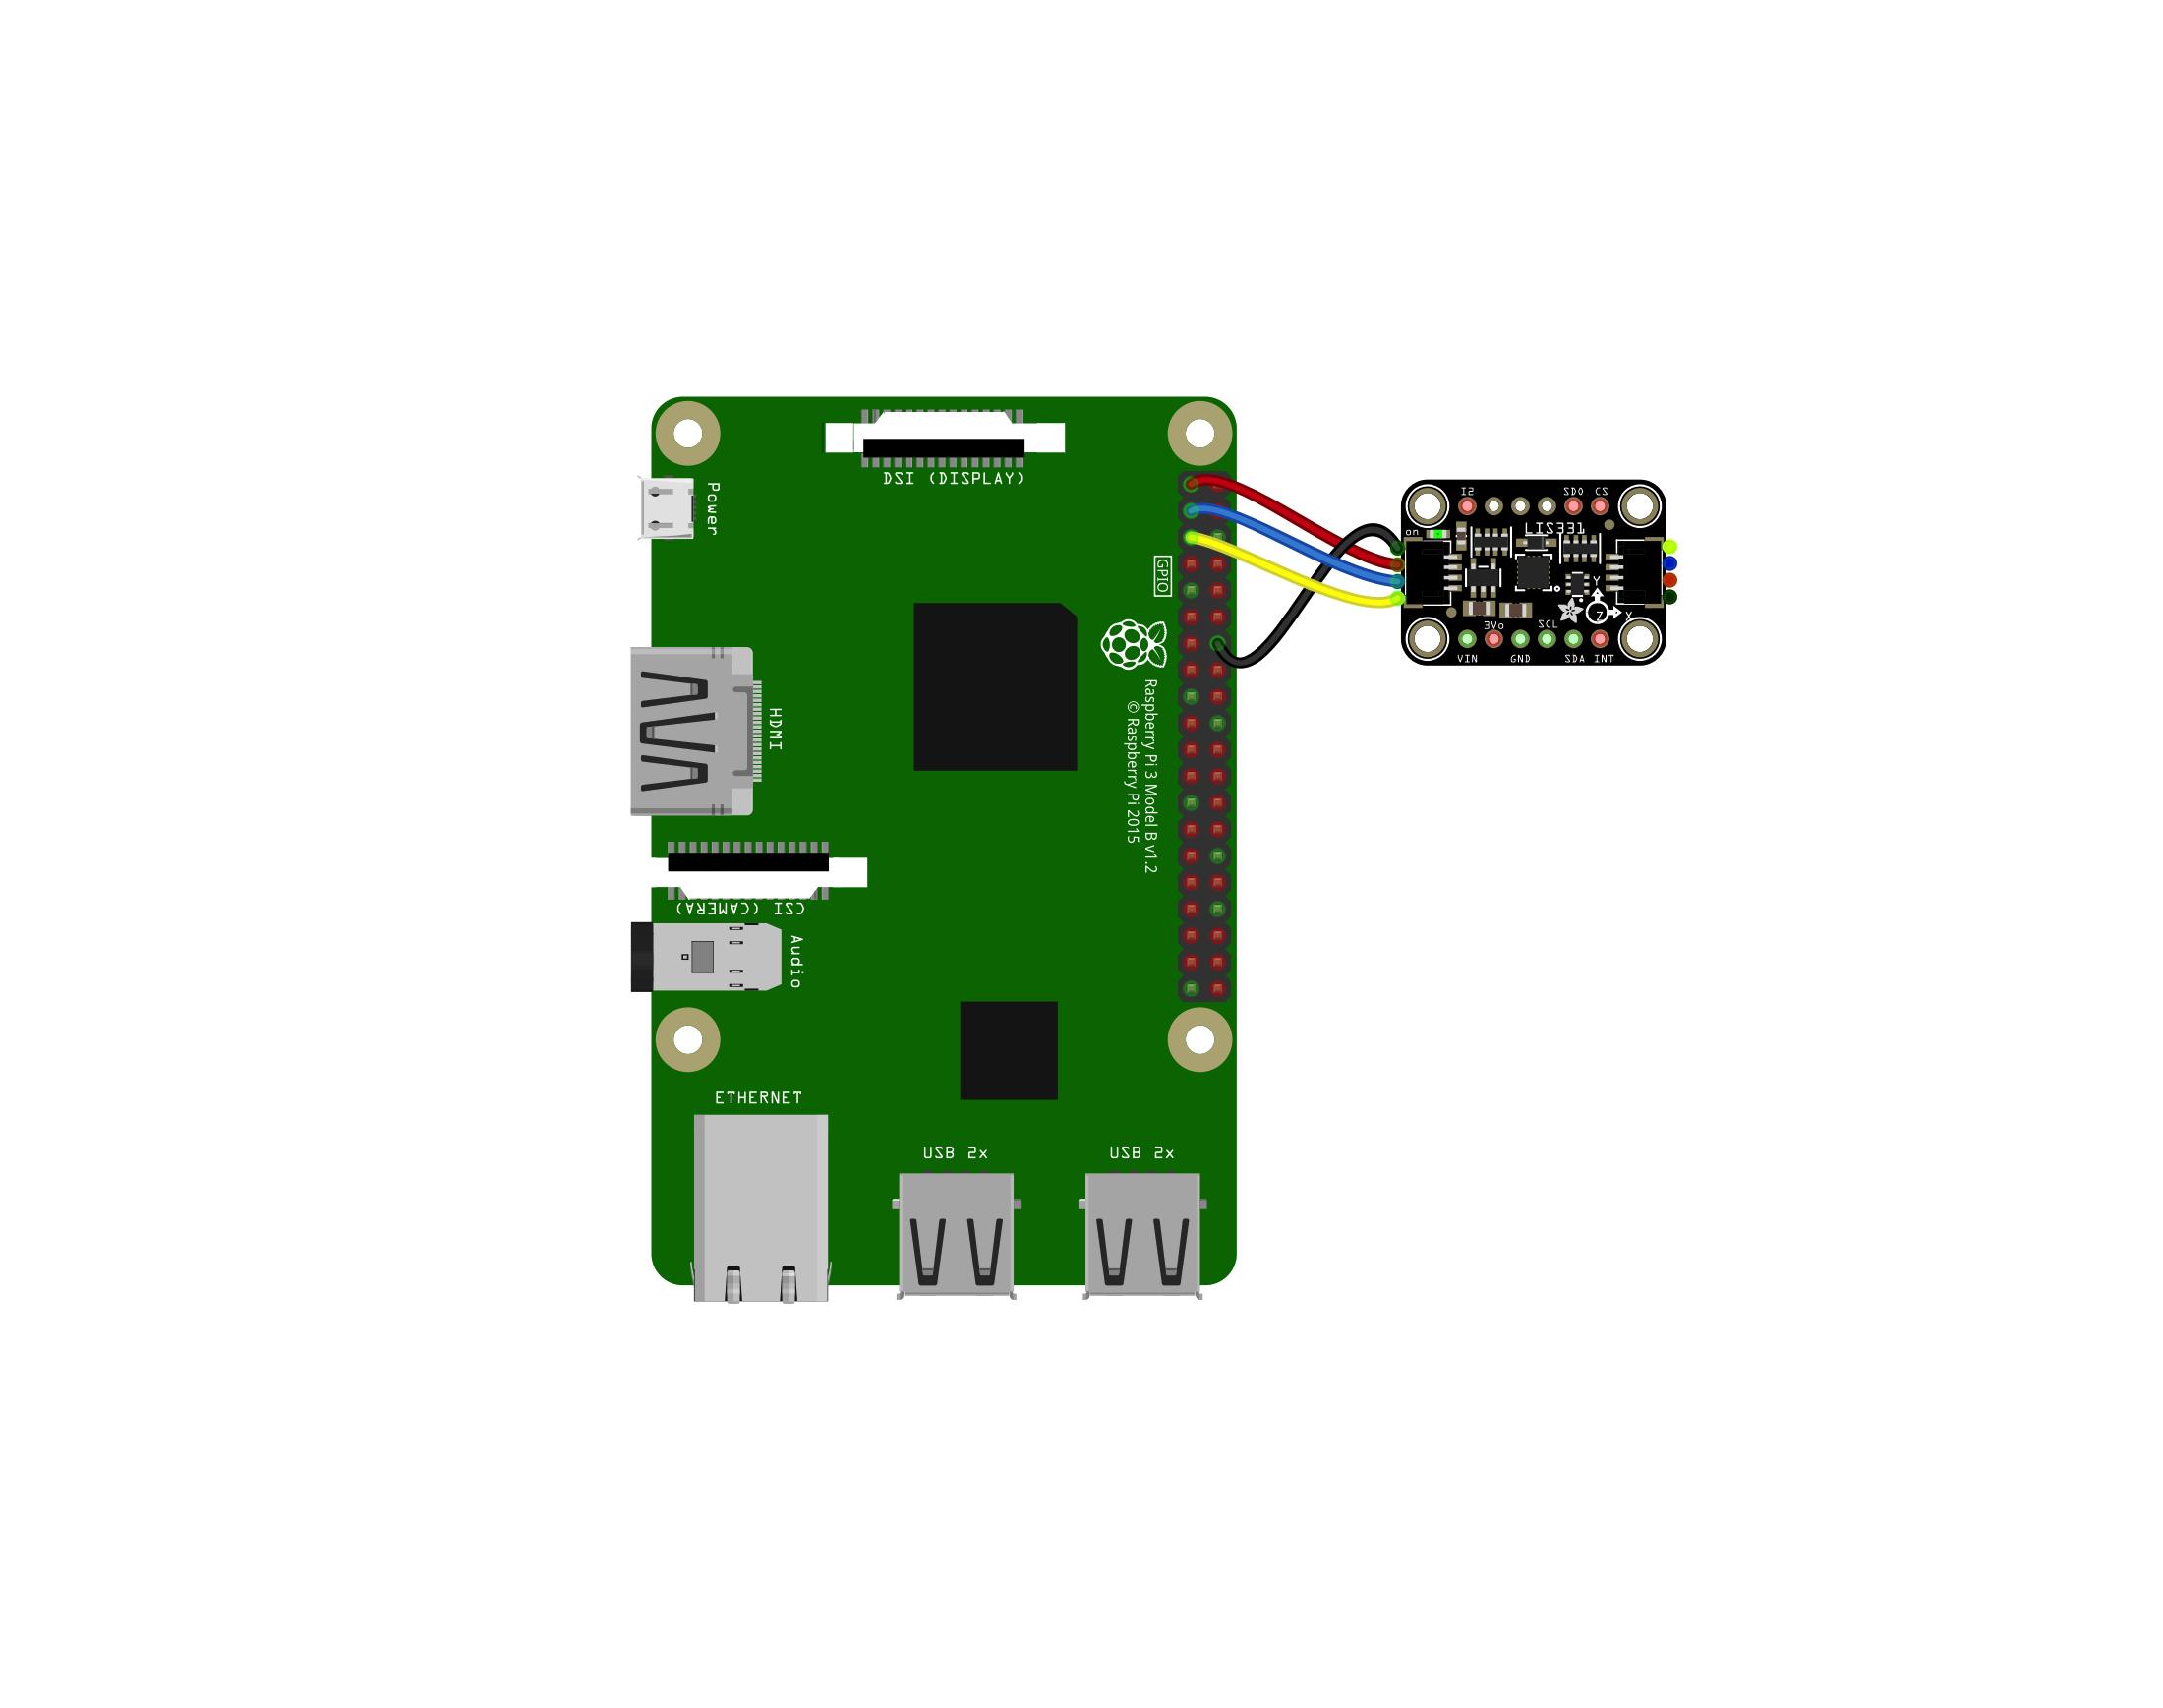 sensors_d_rpi_wiring_qt.png